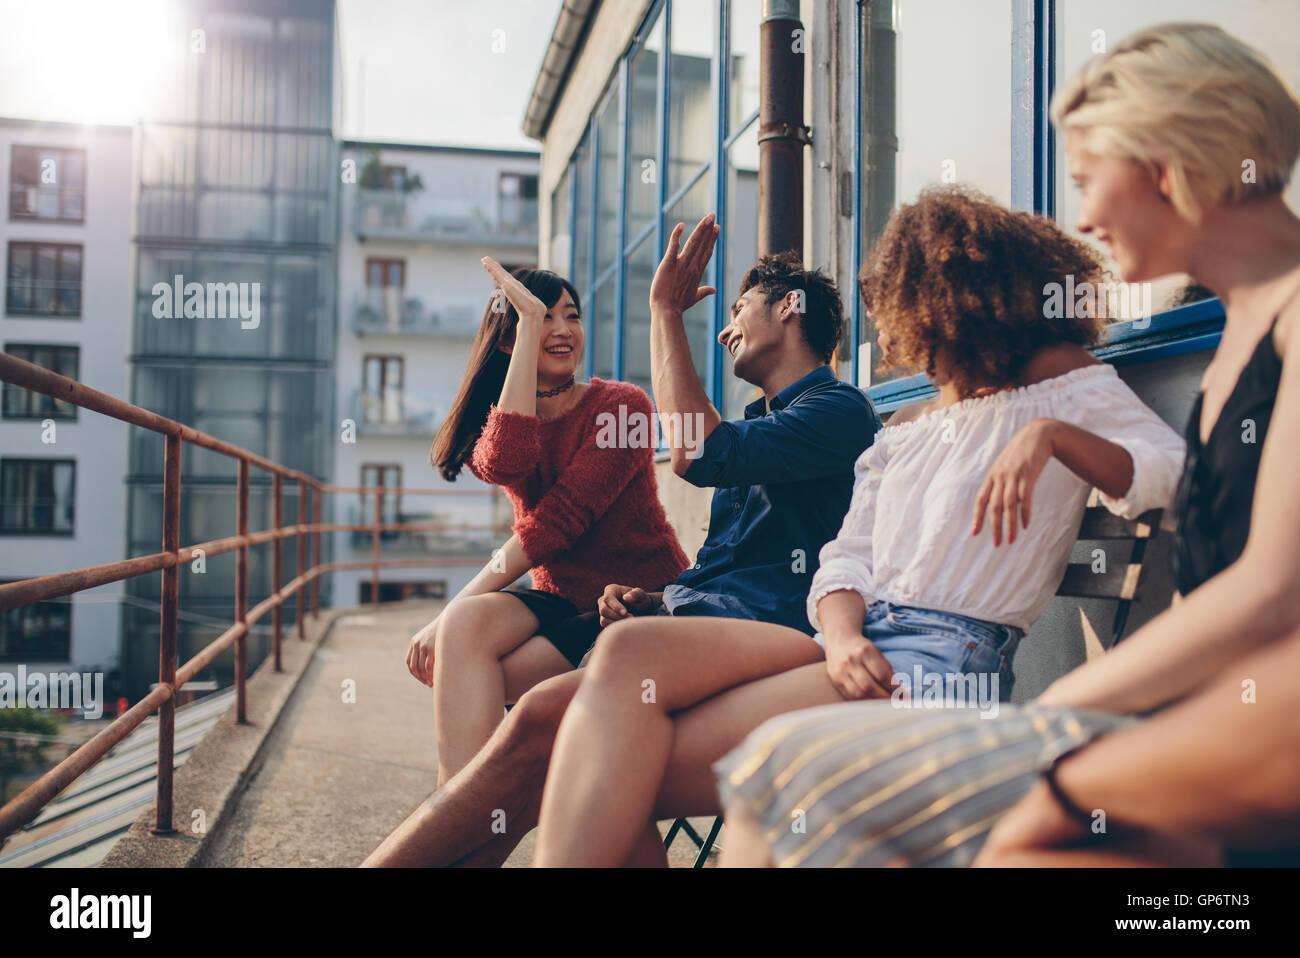 Gruppo multirazziale di amici divertendosi in balcone e dando alta 5. I giovani di godere in terrazza. Foto Stock